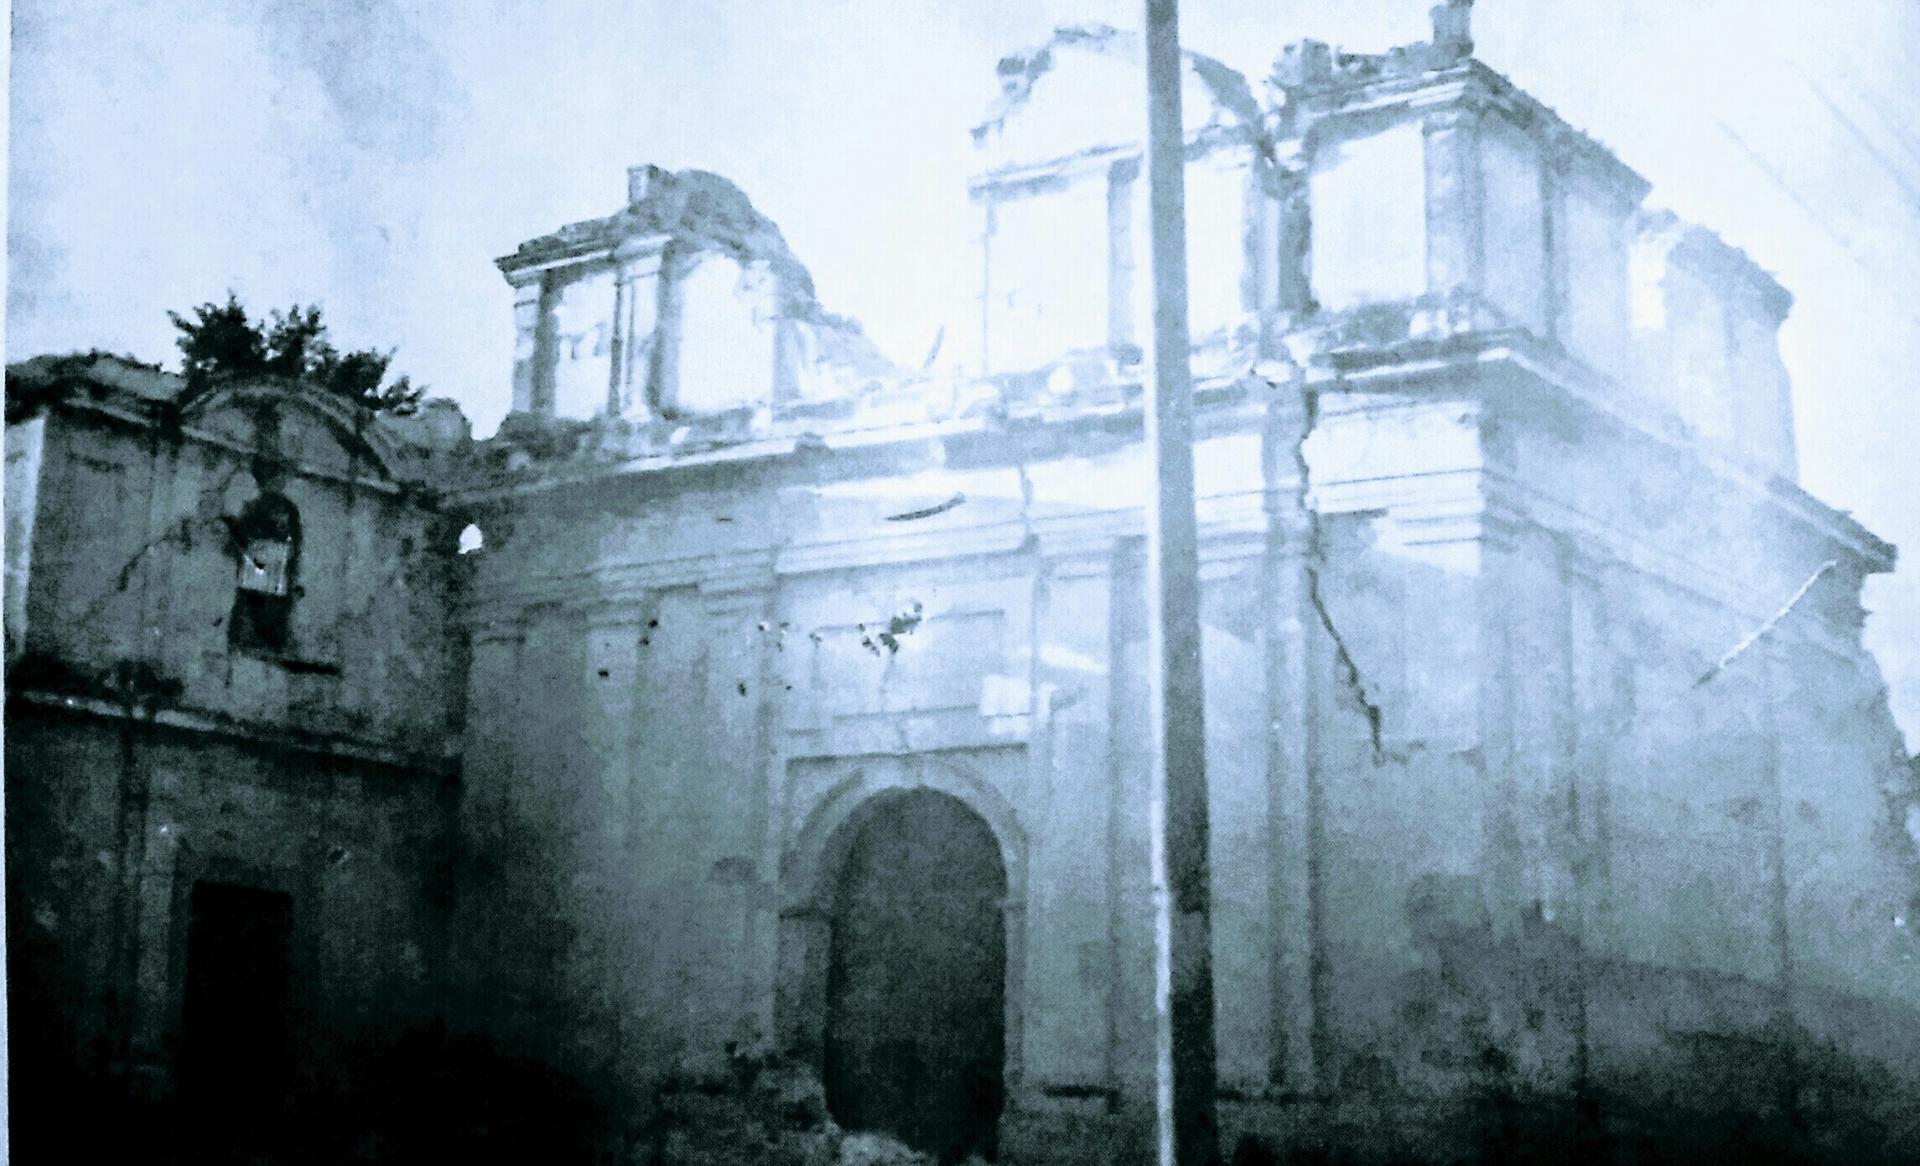 Portada destruida de la iglesia de Santa Catarina, Virgen y Mártir, de la Nueva Guatemala de la Asunción